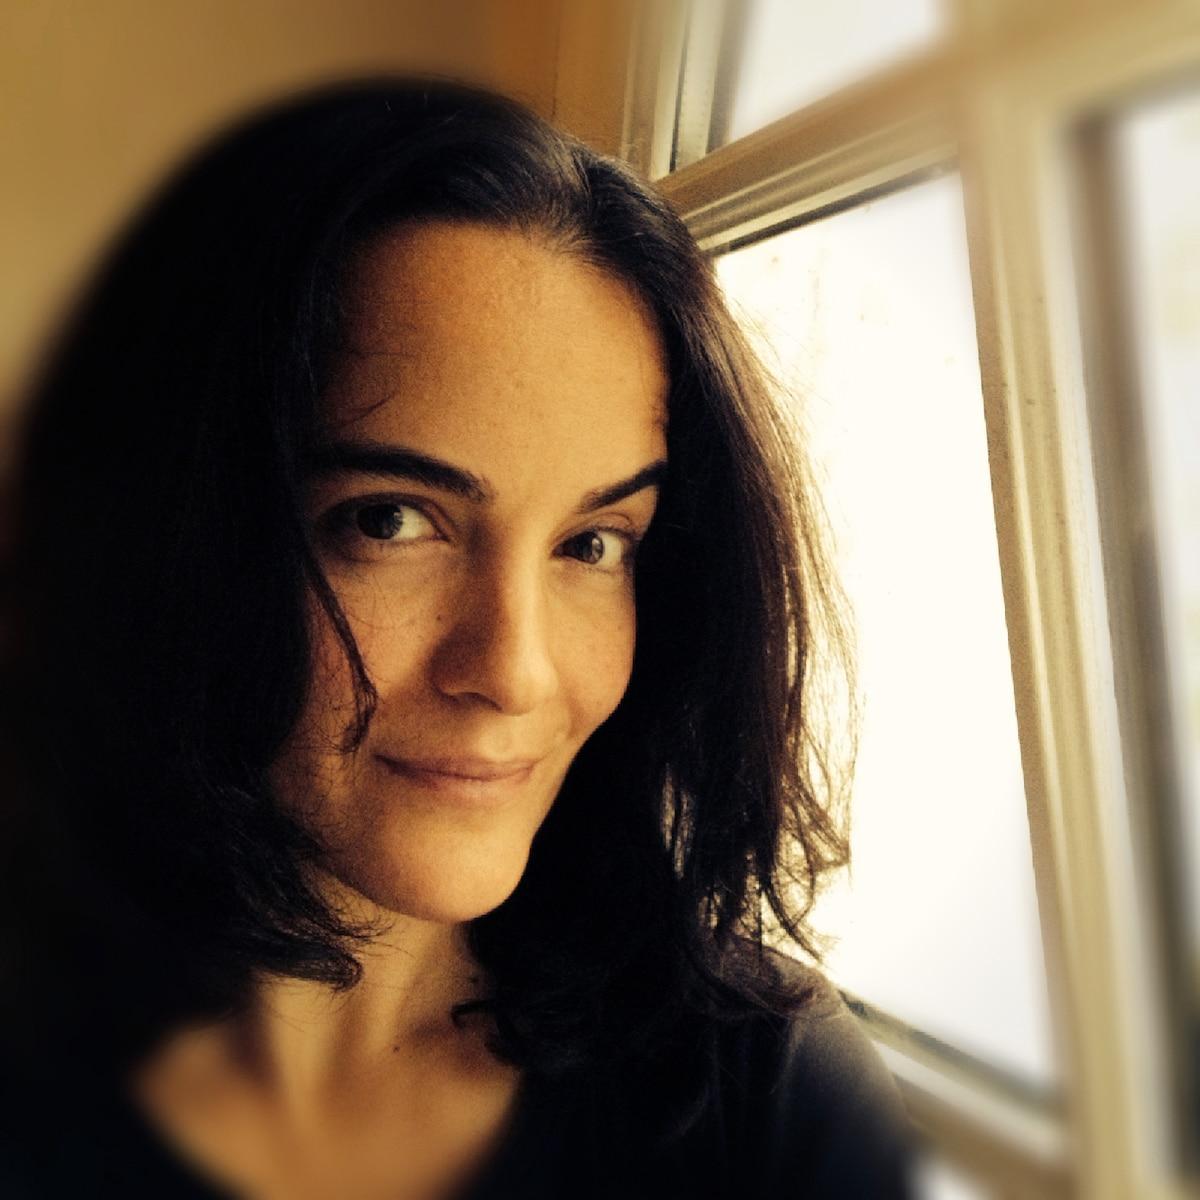 Milena from Sofia